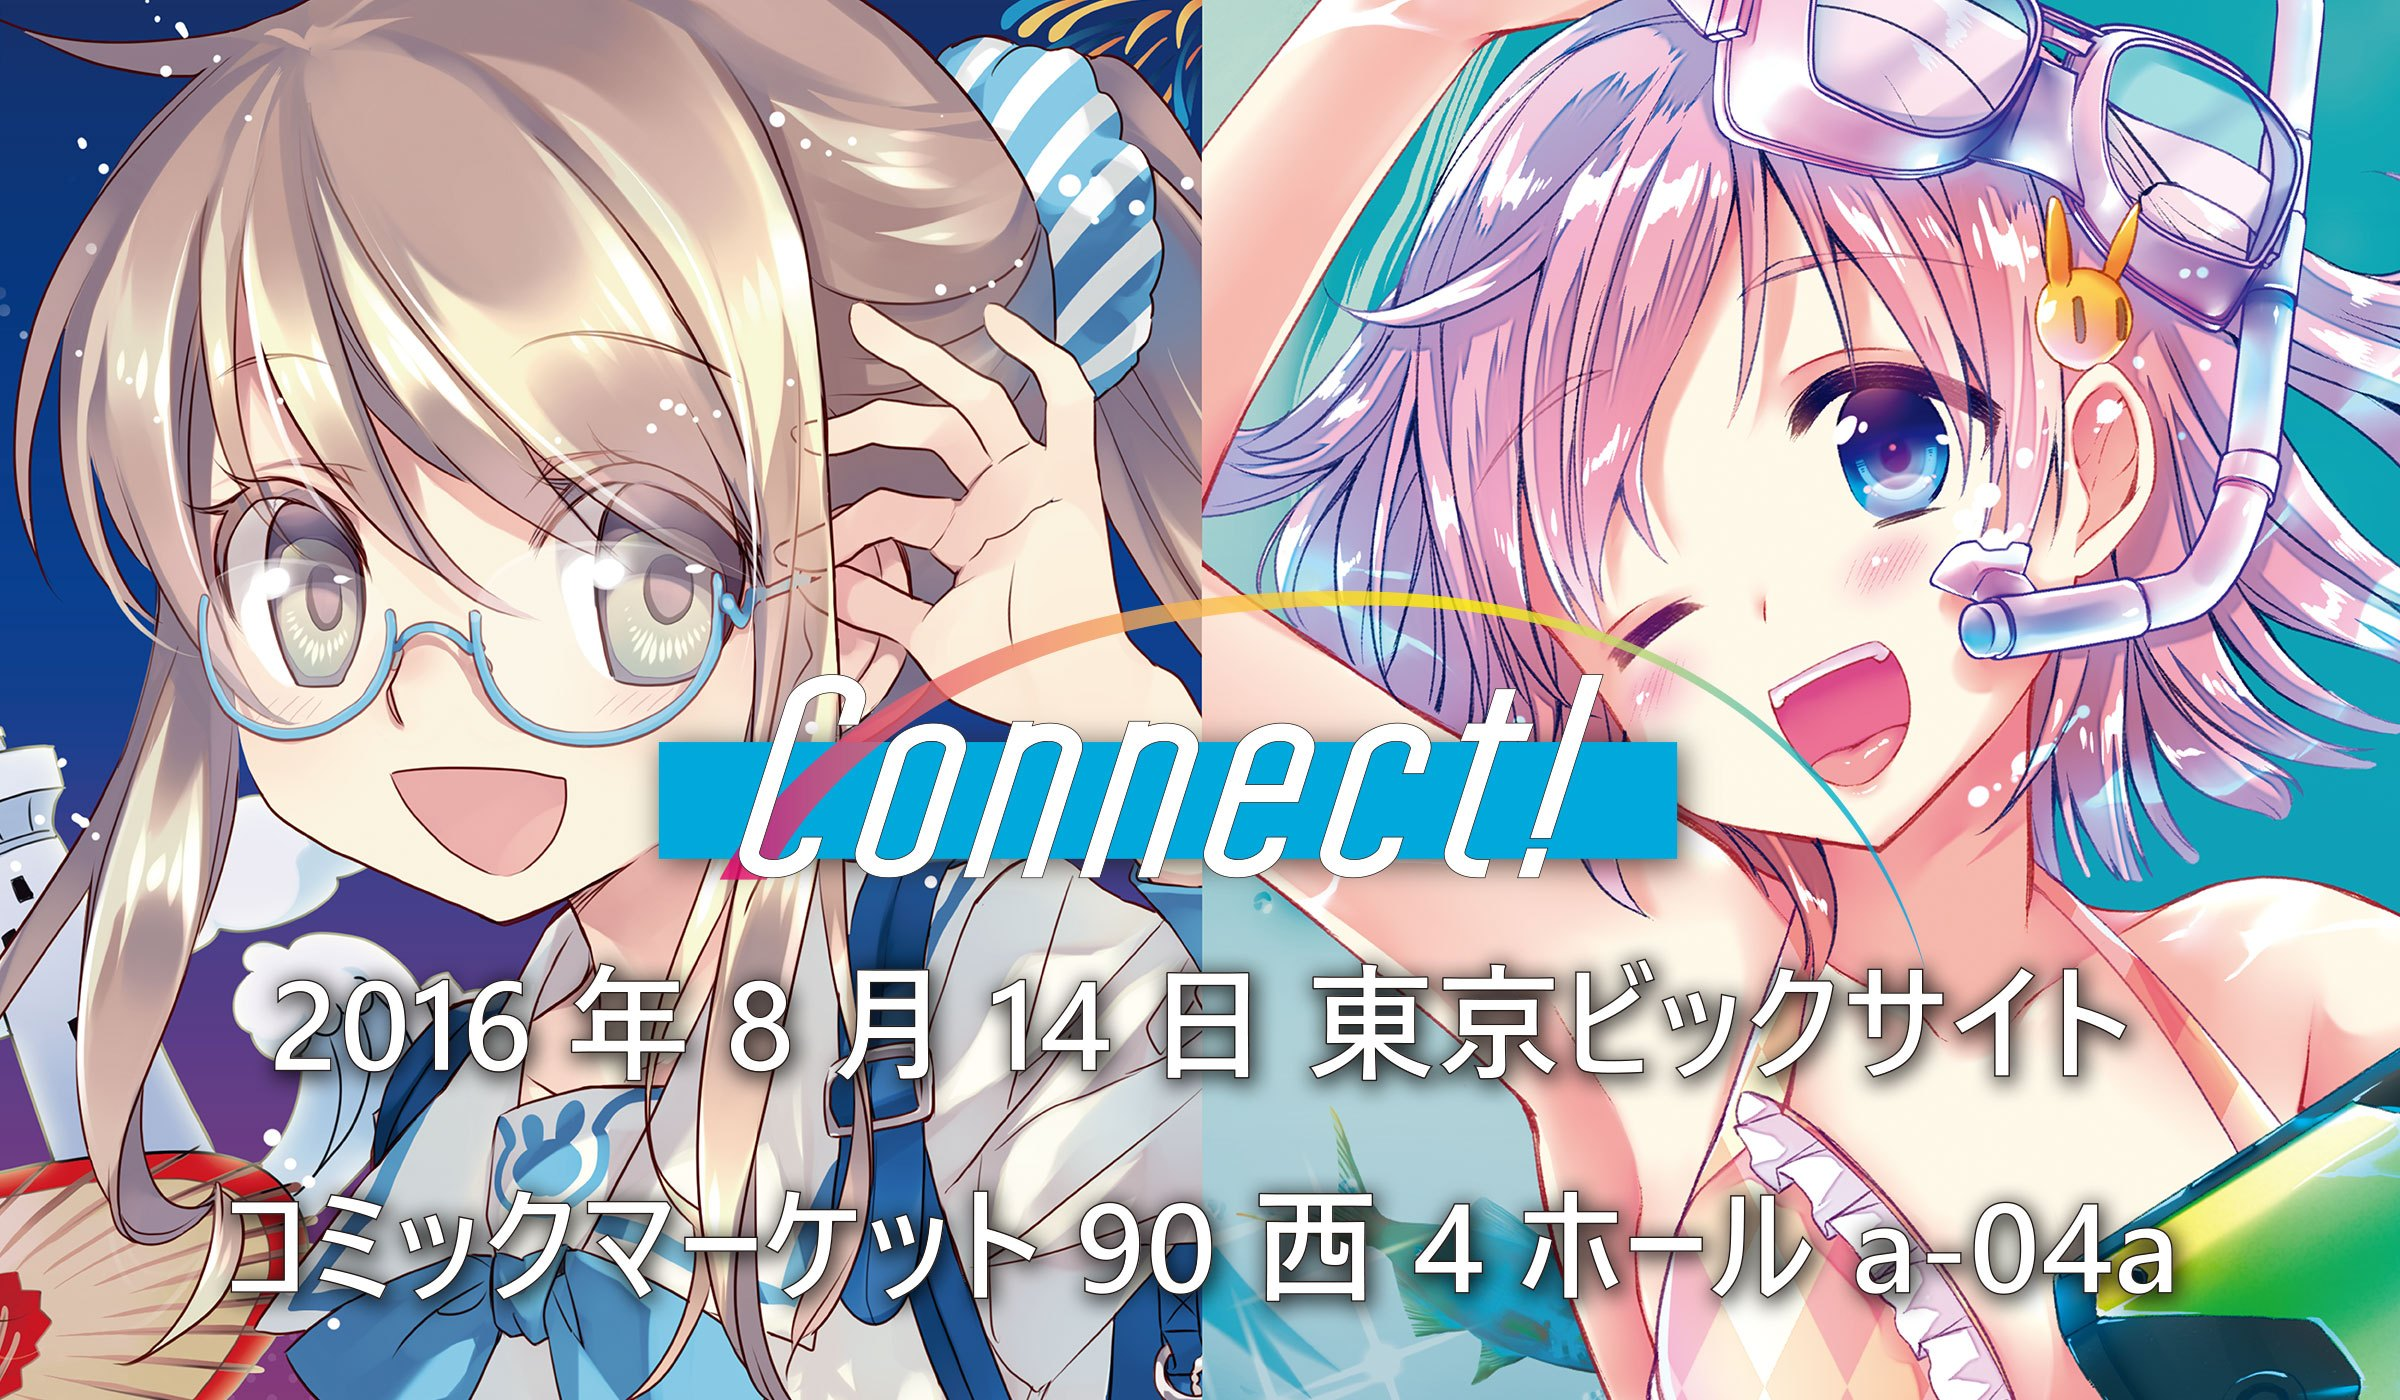 【3日目 西 a-04a】Project Connectの新刊「Connect! Vol.08」に寄稿しました。#C90